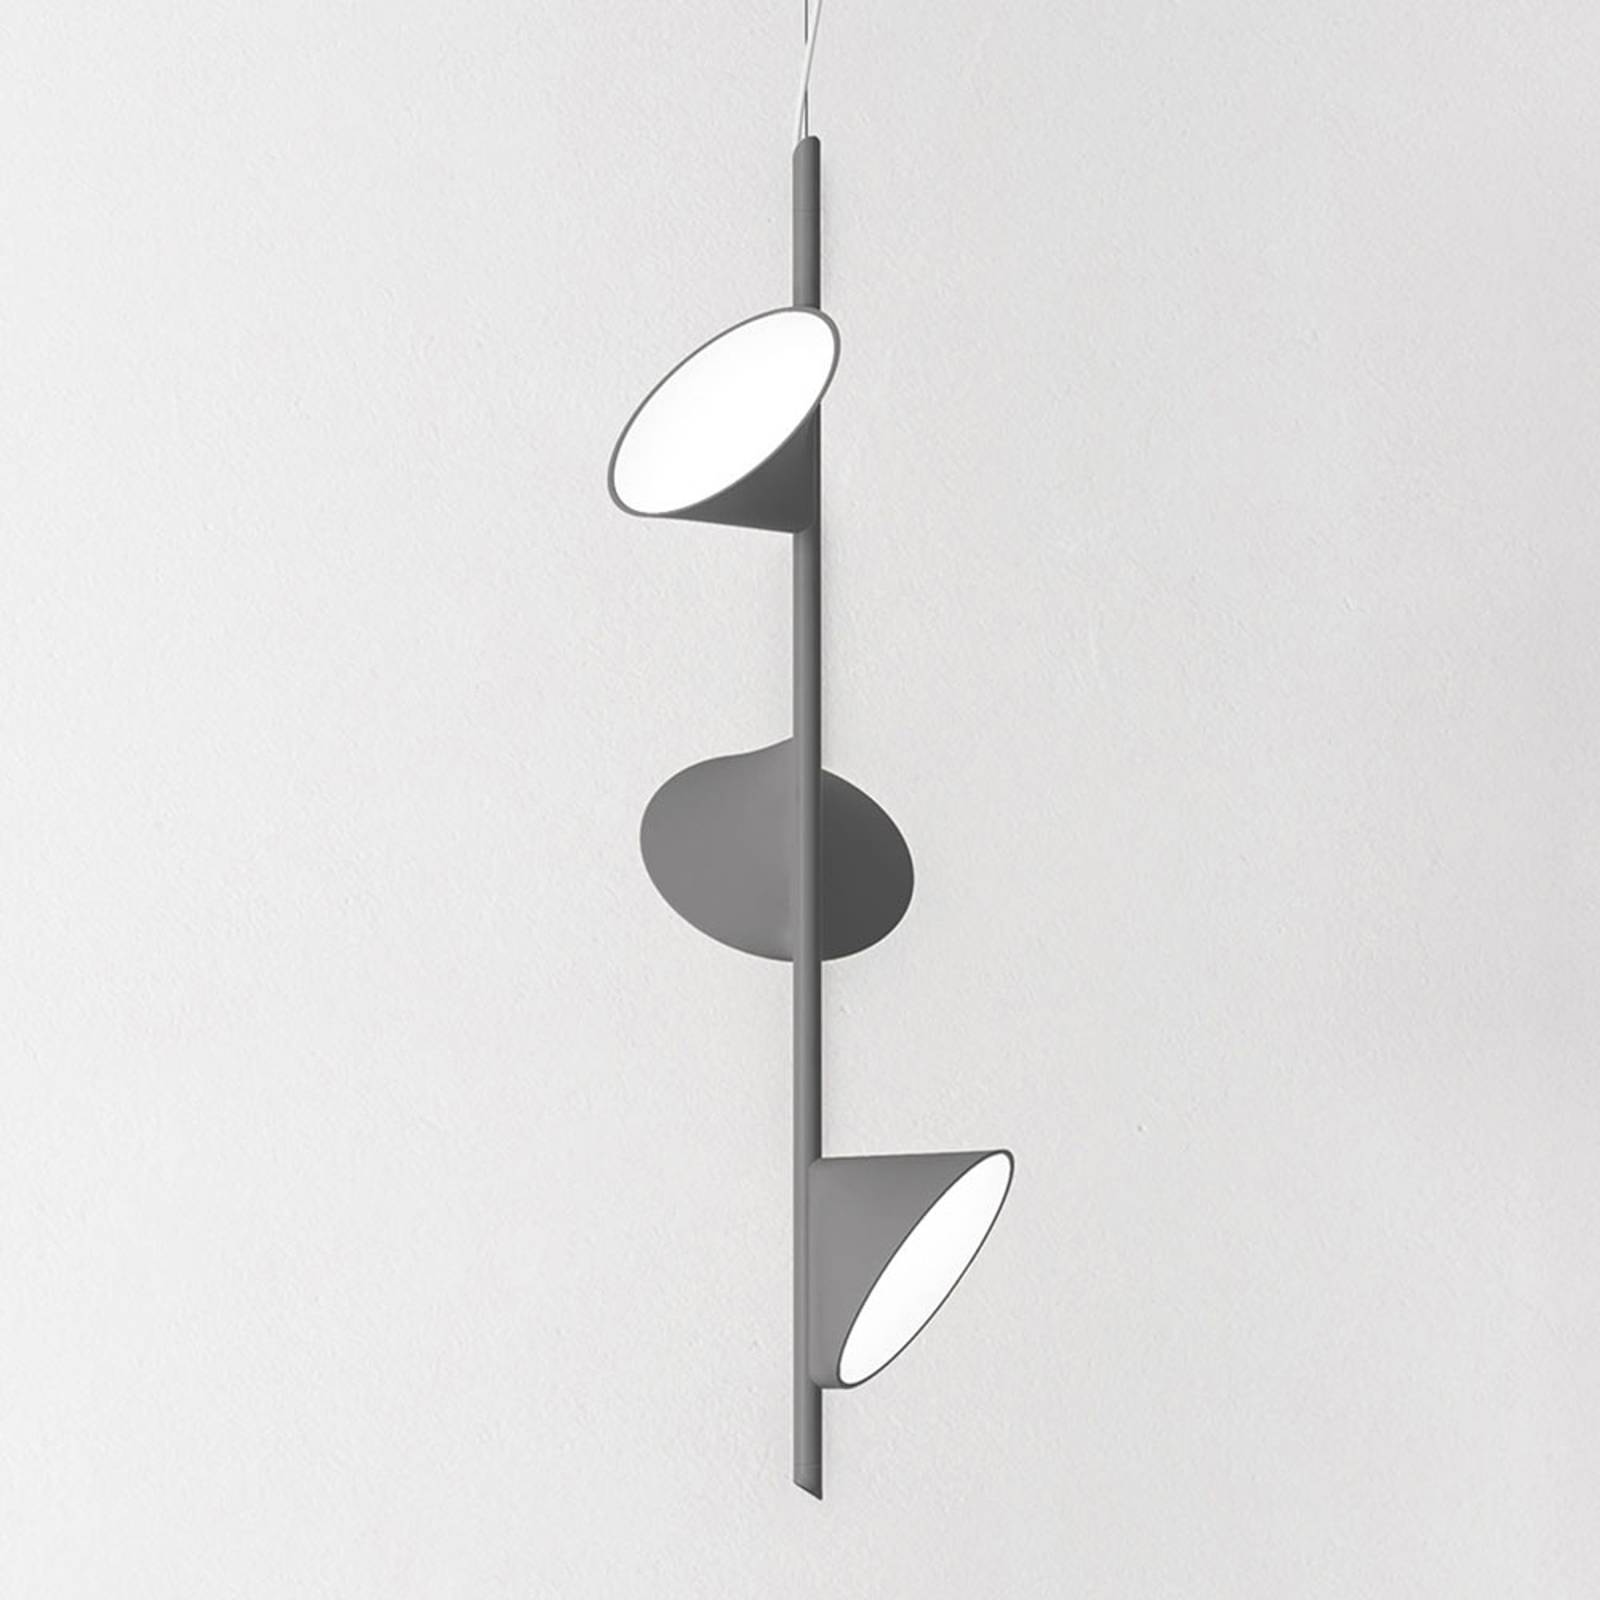 Axolight Orchid LED-riippulamppu 3 lampp. harmaa